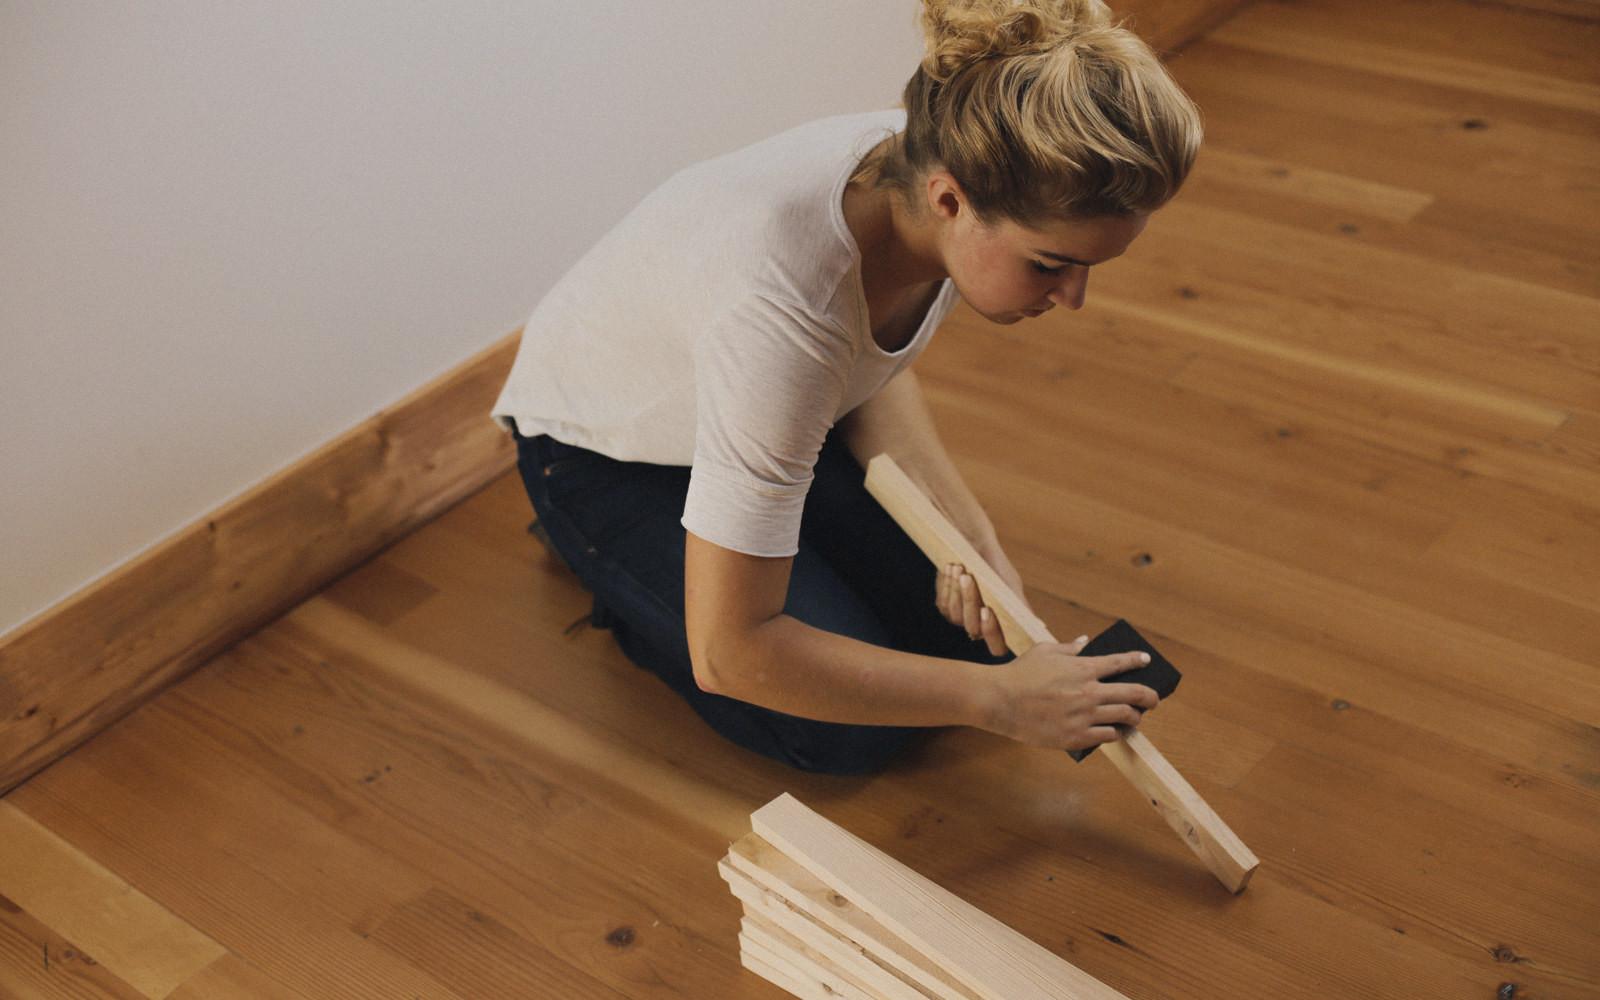 Hardwood Floor Refinishing Everett Wa Of Diy Wood Door Mat How to Make A Wood Stake Door Mat Dunn Diy Inside Sanding Wood Door Mat Diy